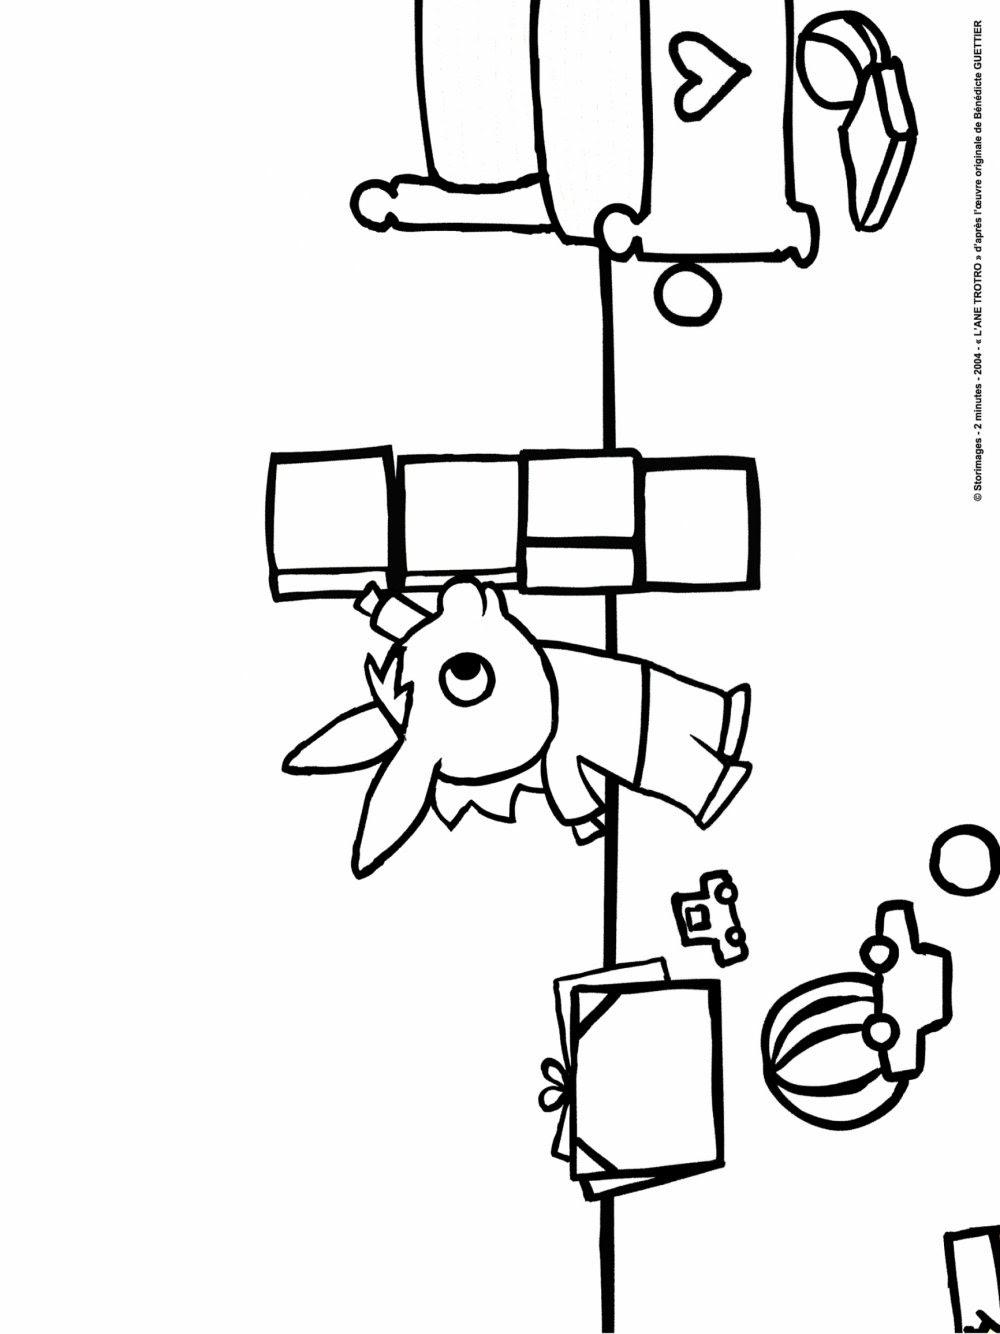 Jeux de coloriage de trotro imprimer et obtenir une - Jeux de trotro ...